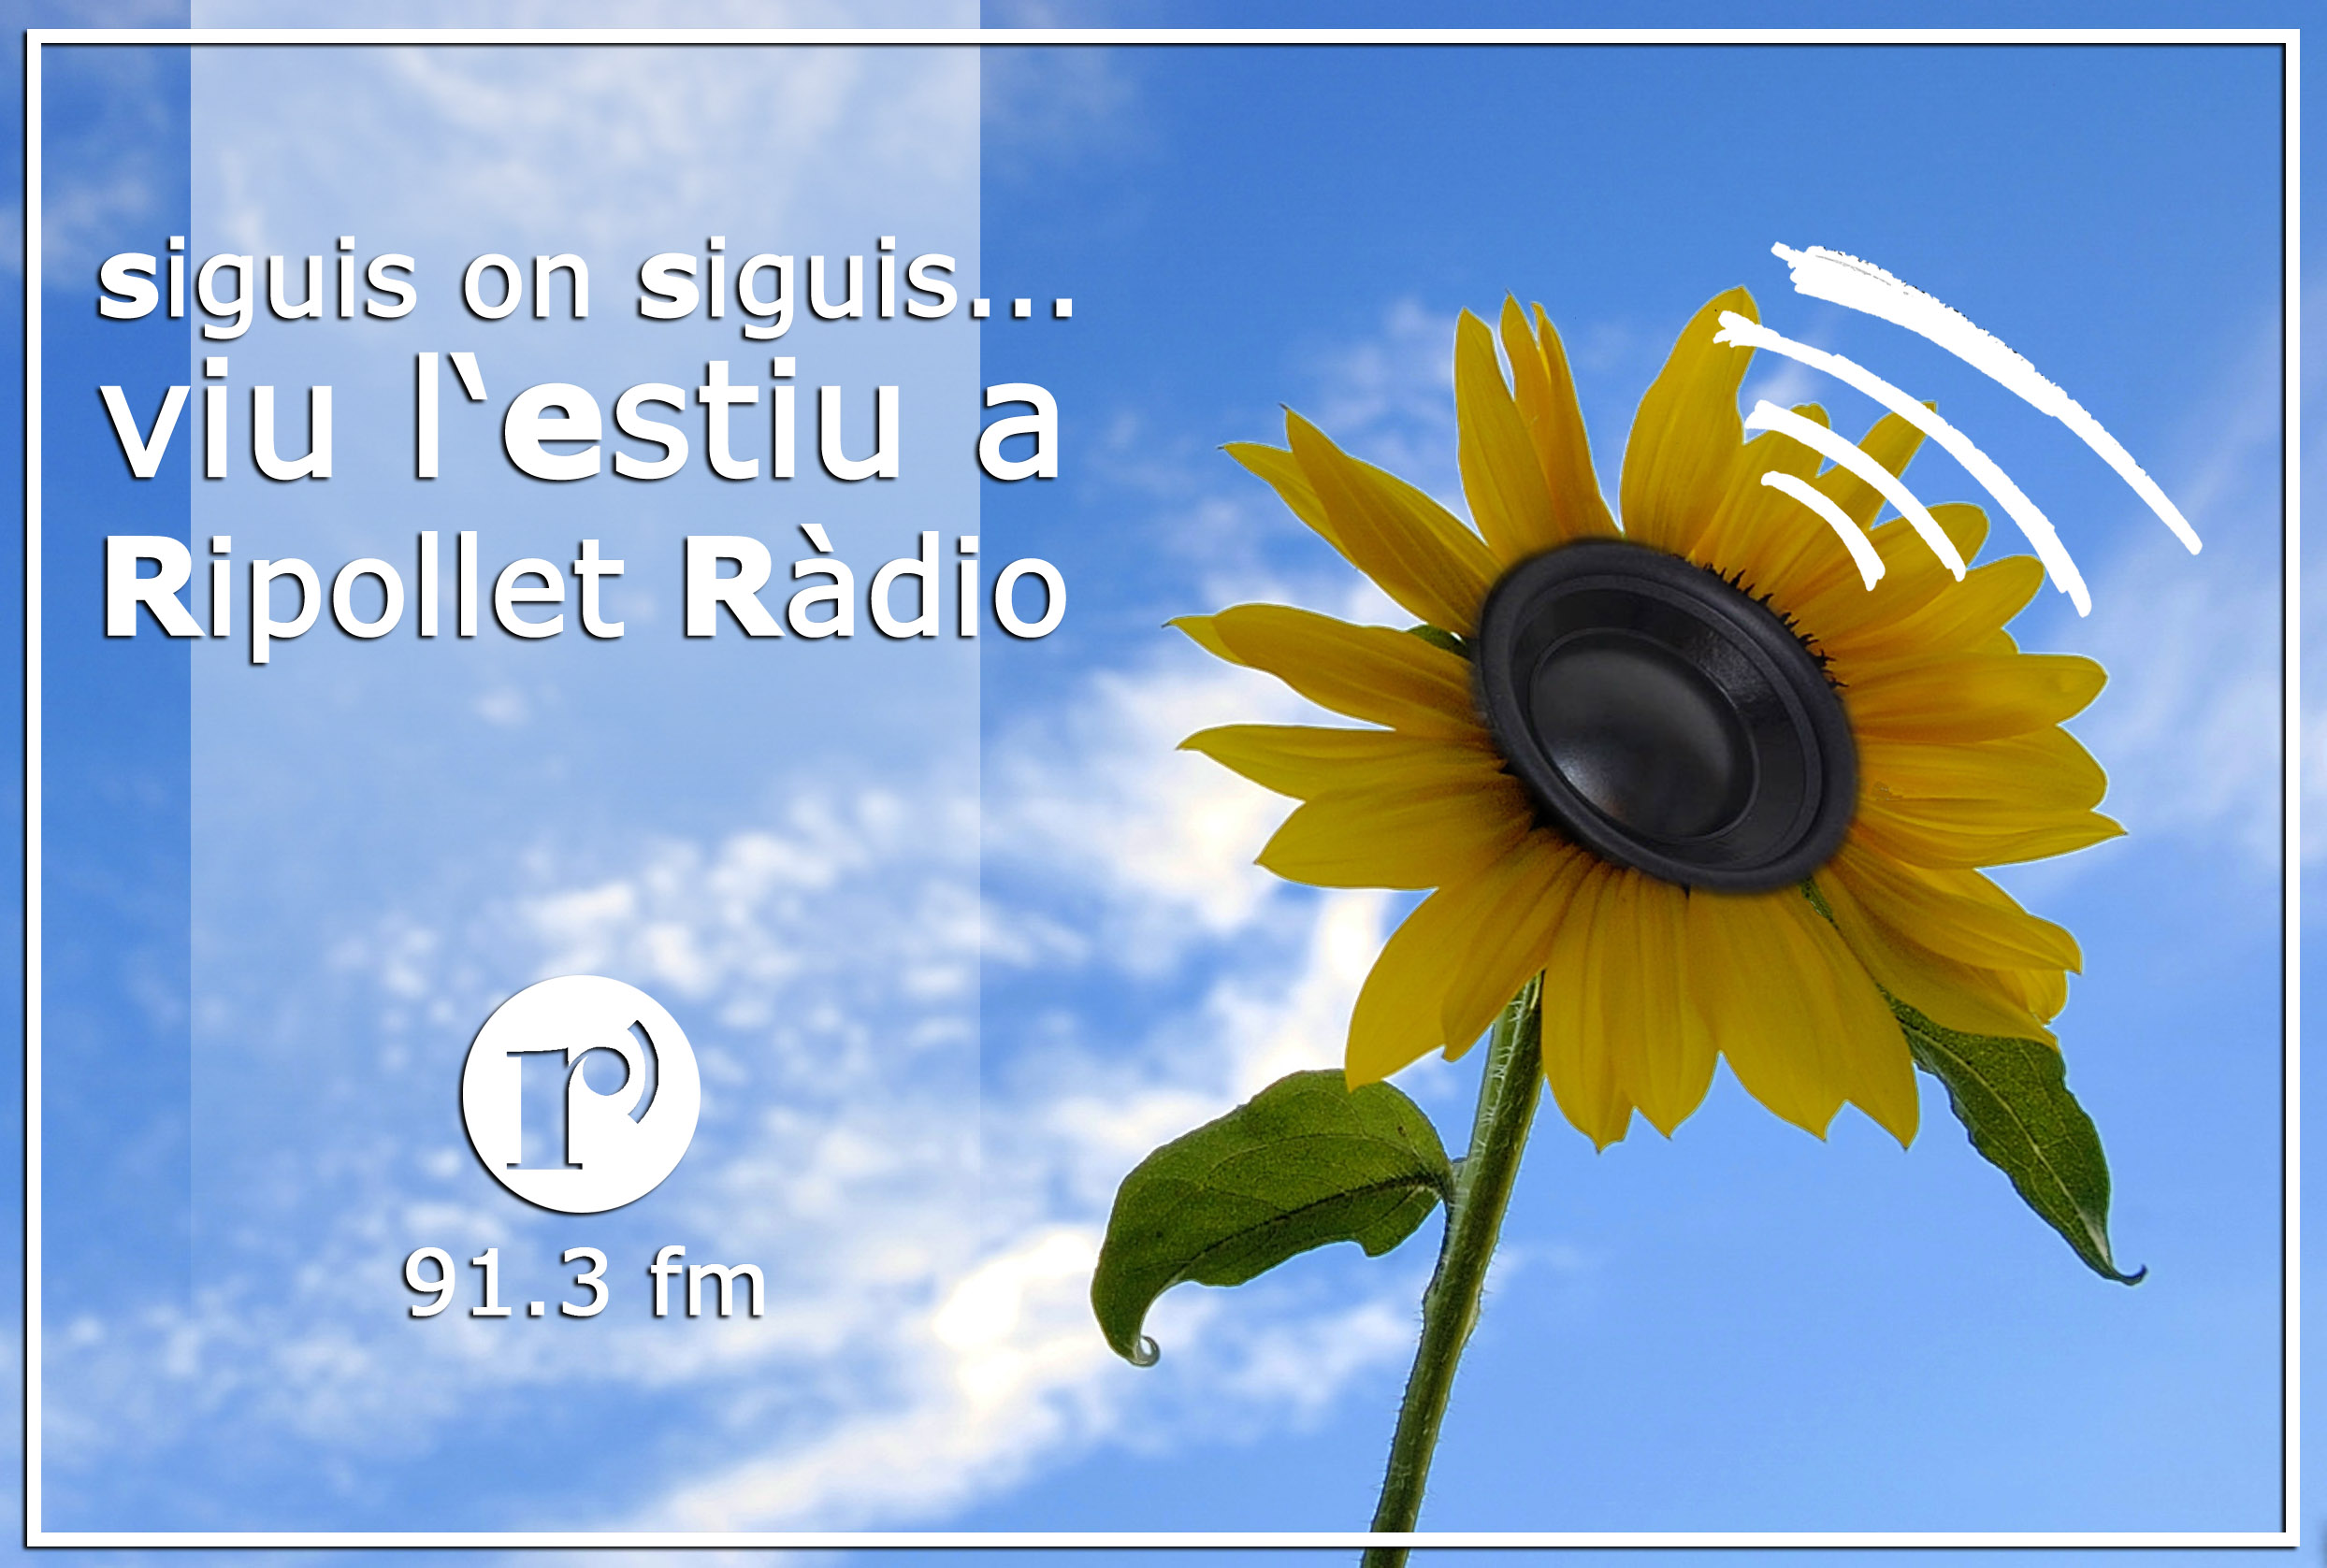 Ràdio a l'estiu